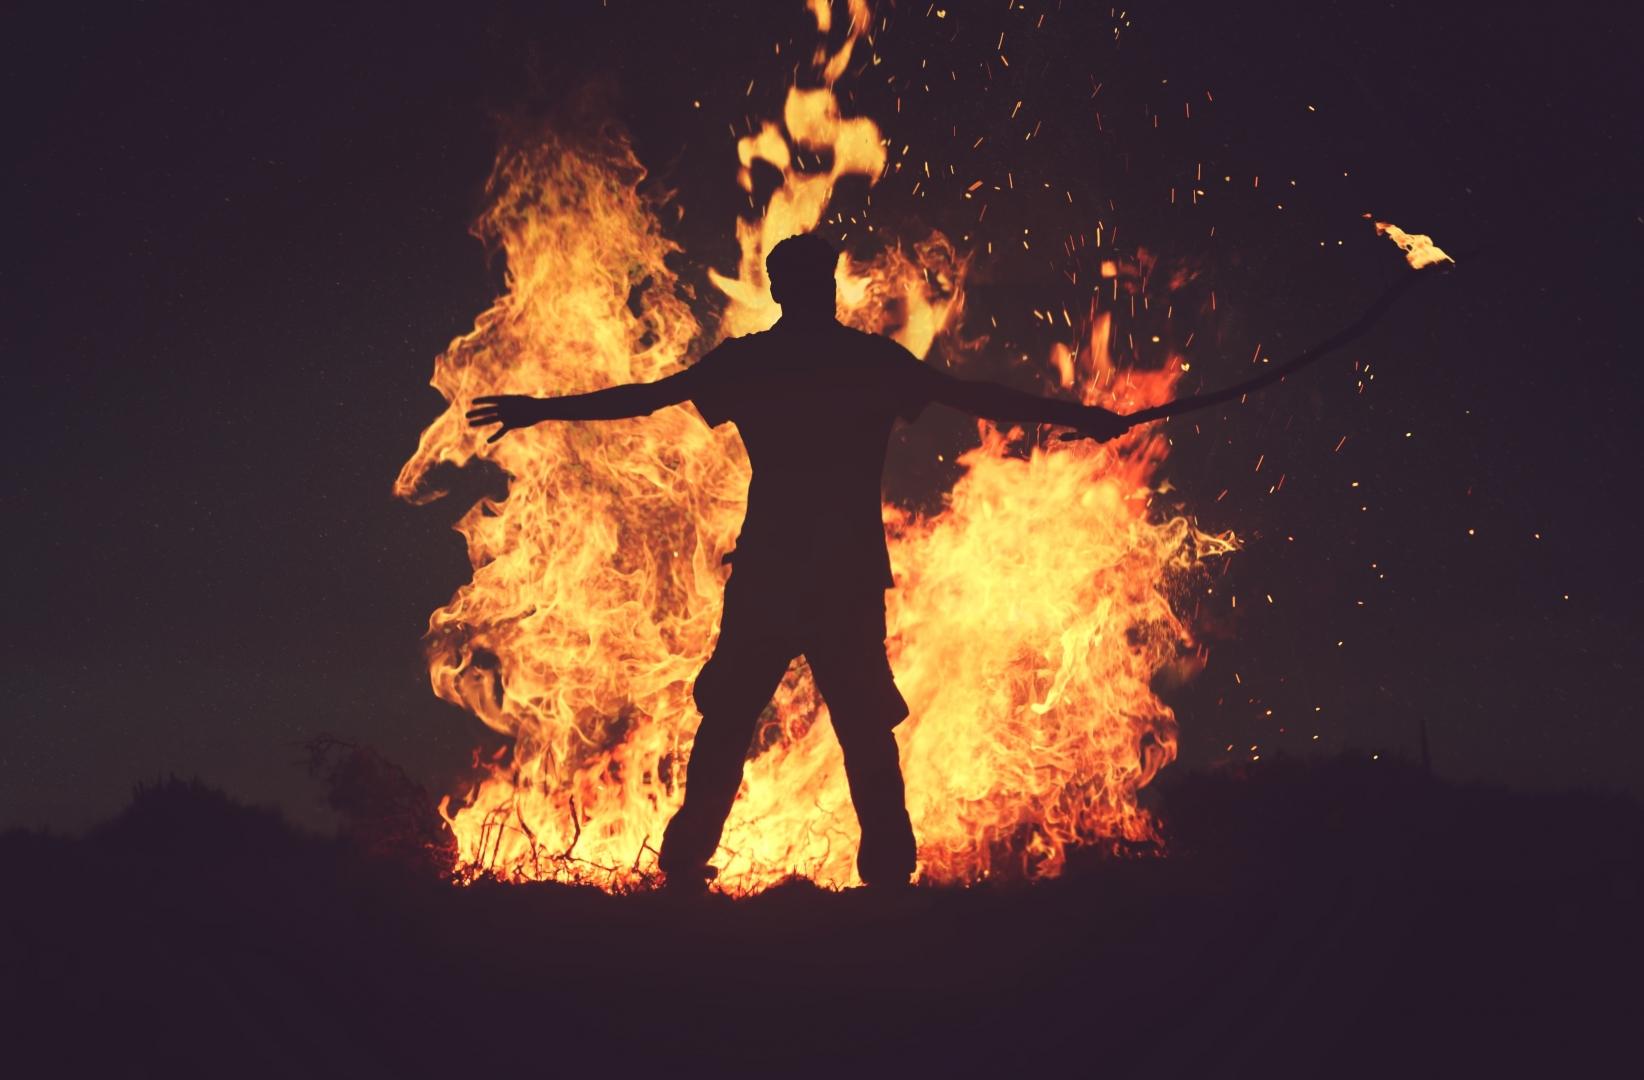 фоне картинки человека с огнем подсчитать, сколько примерно